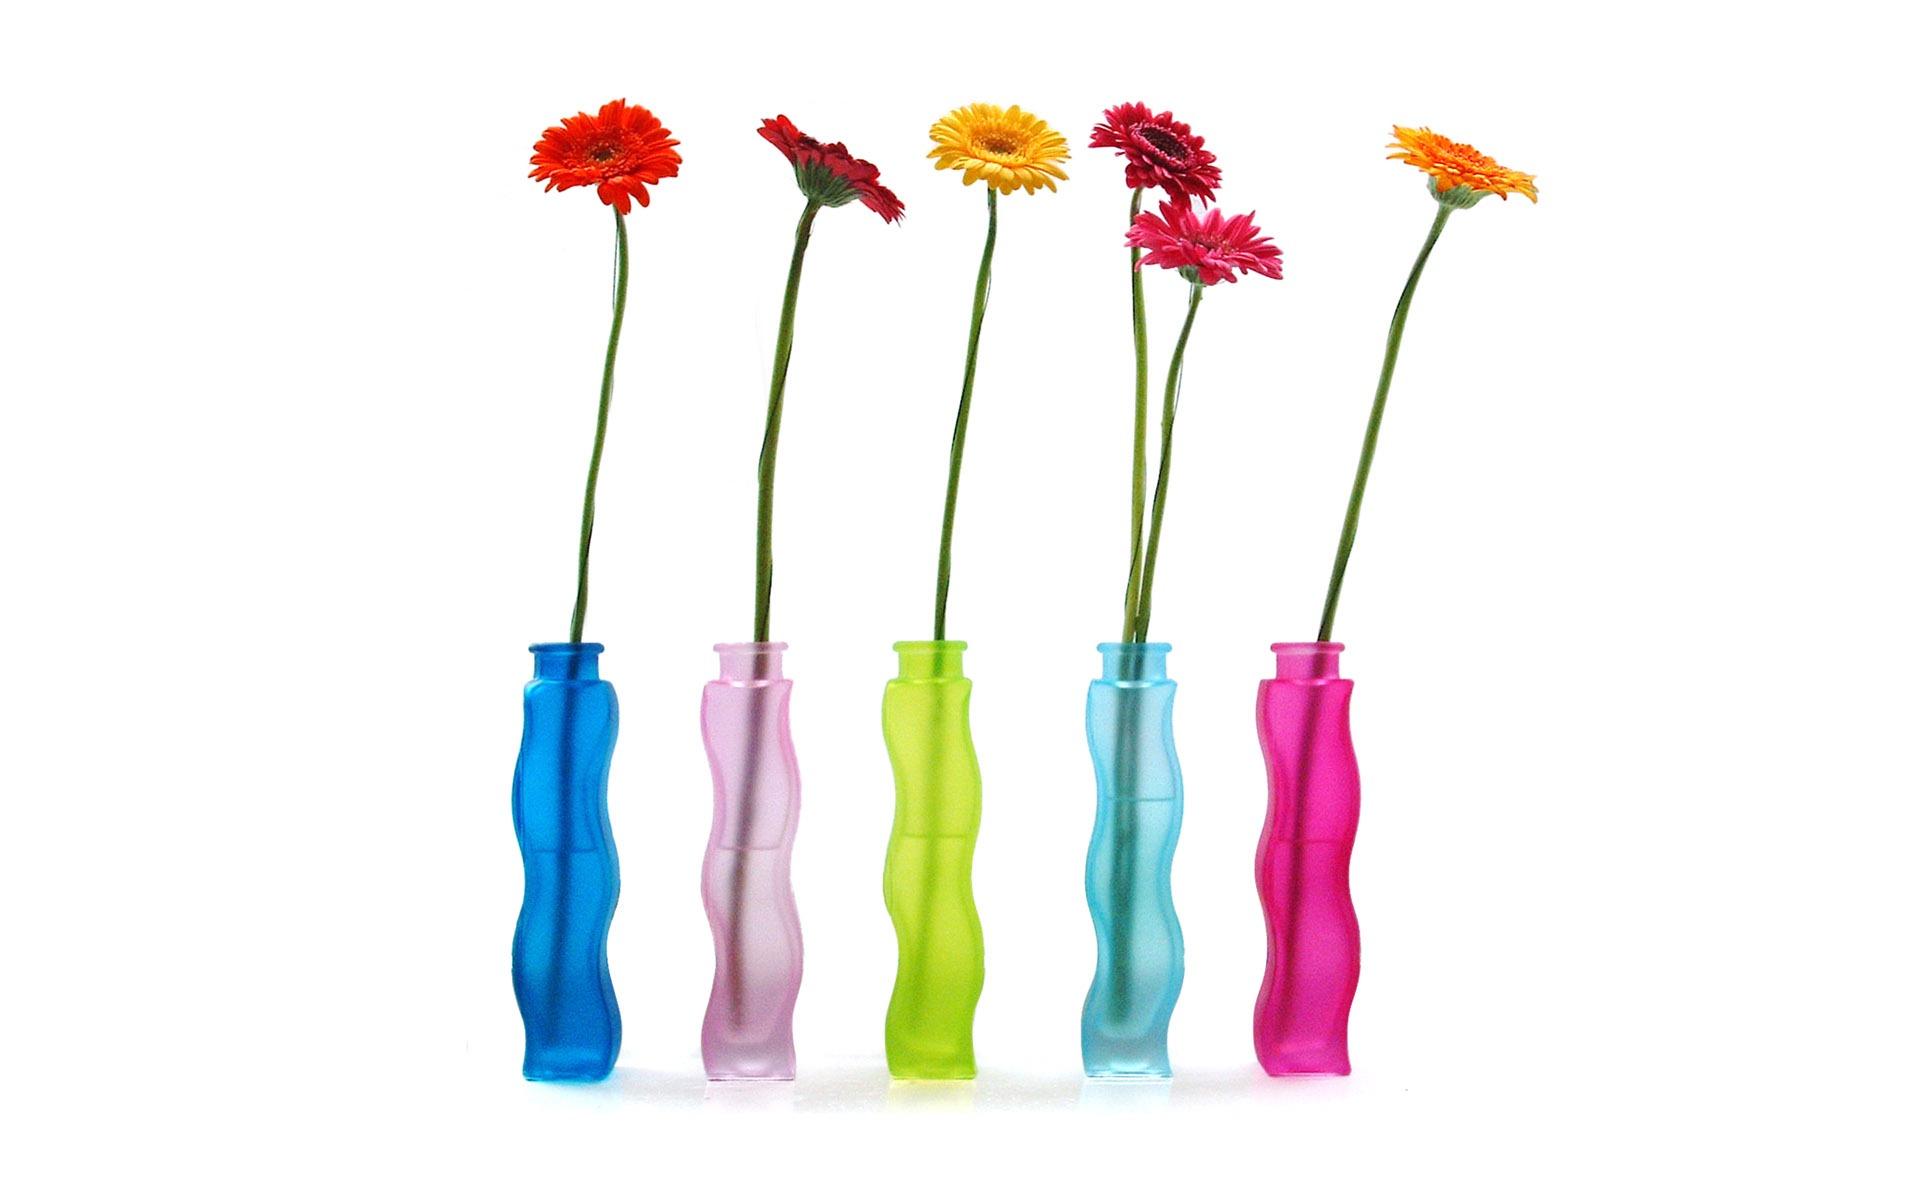 Flores Coloridas Em Vasos Coloridos Visualizacao 10wallpaper Com